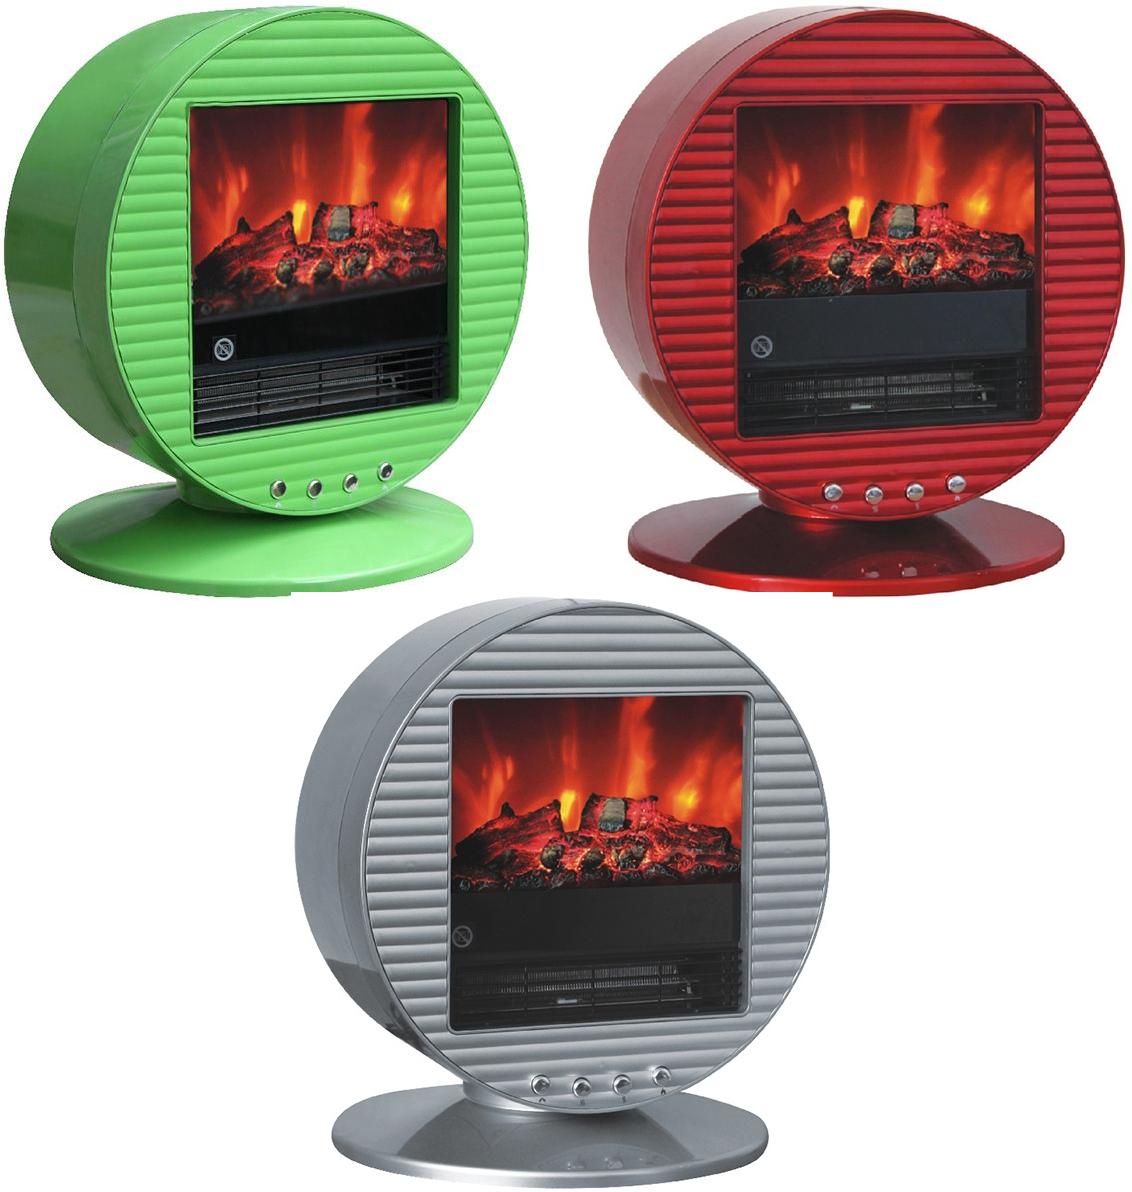 heizl fter kamin klimaanlage und heizung zu hause. Black Bedroom Furniture Sets. Home Design Ideas